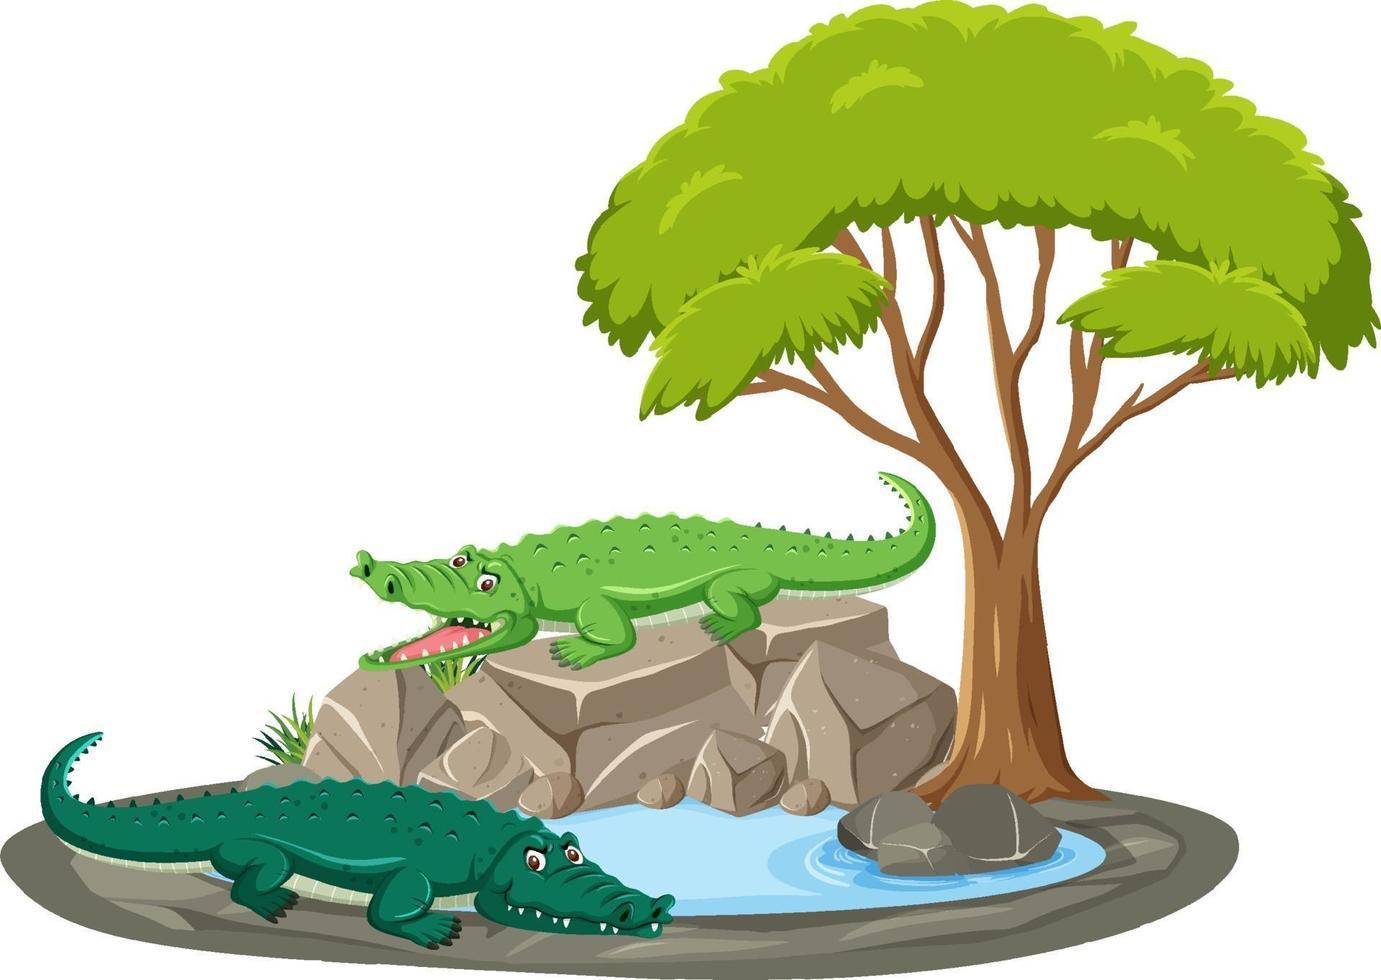 isolerad scen med krokodil runt dammen vektor